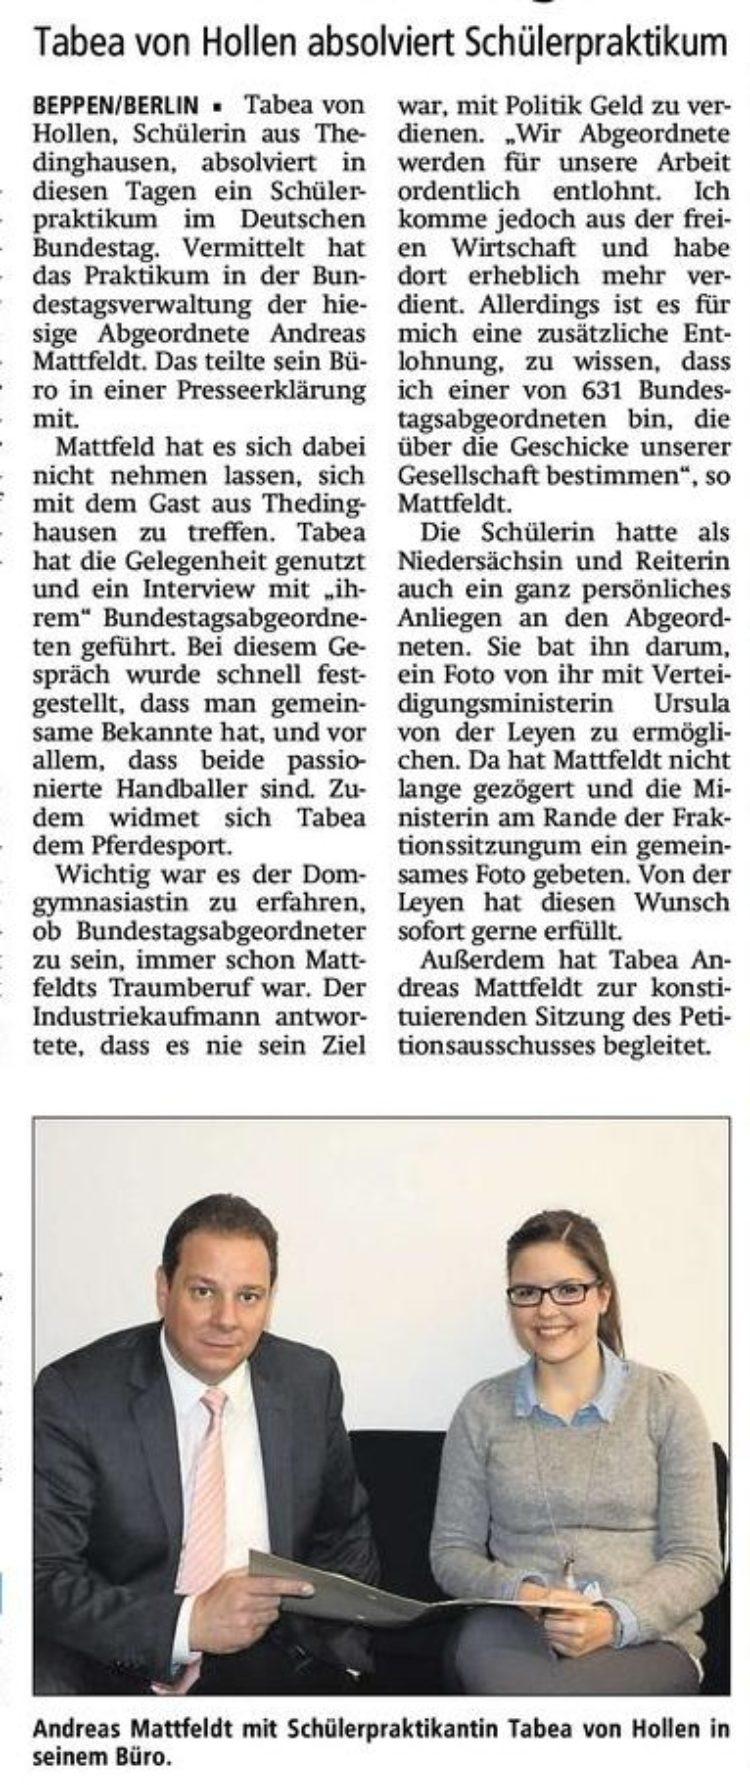 Blick hinter die Kulissen des Bundestages